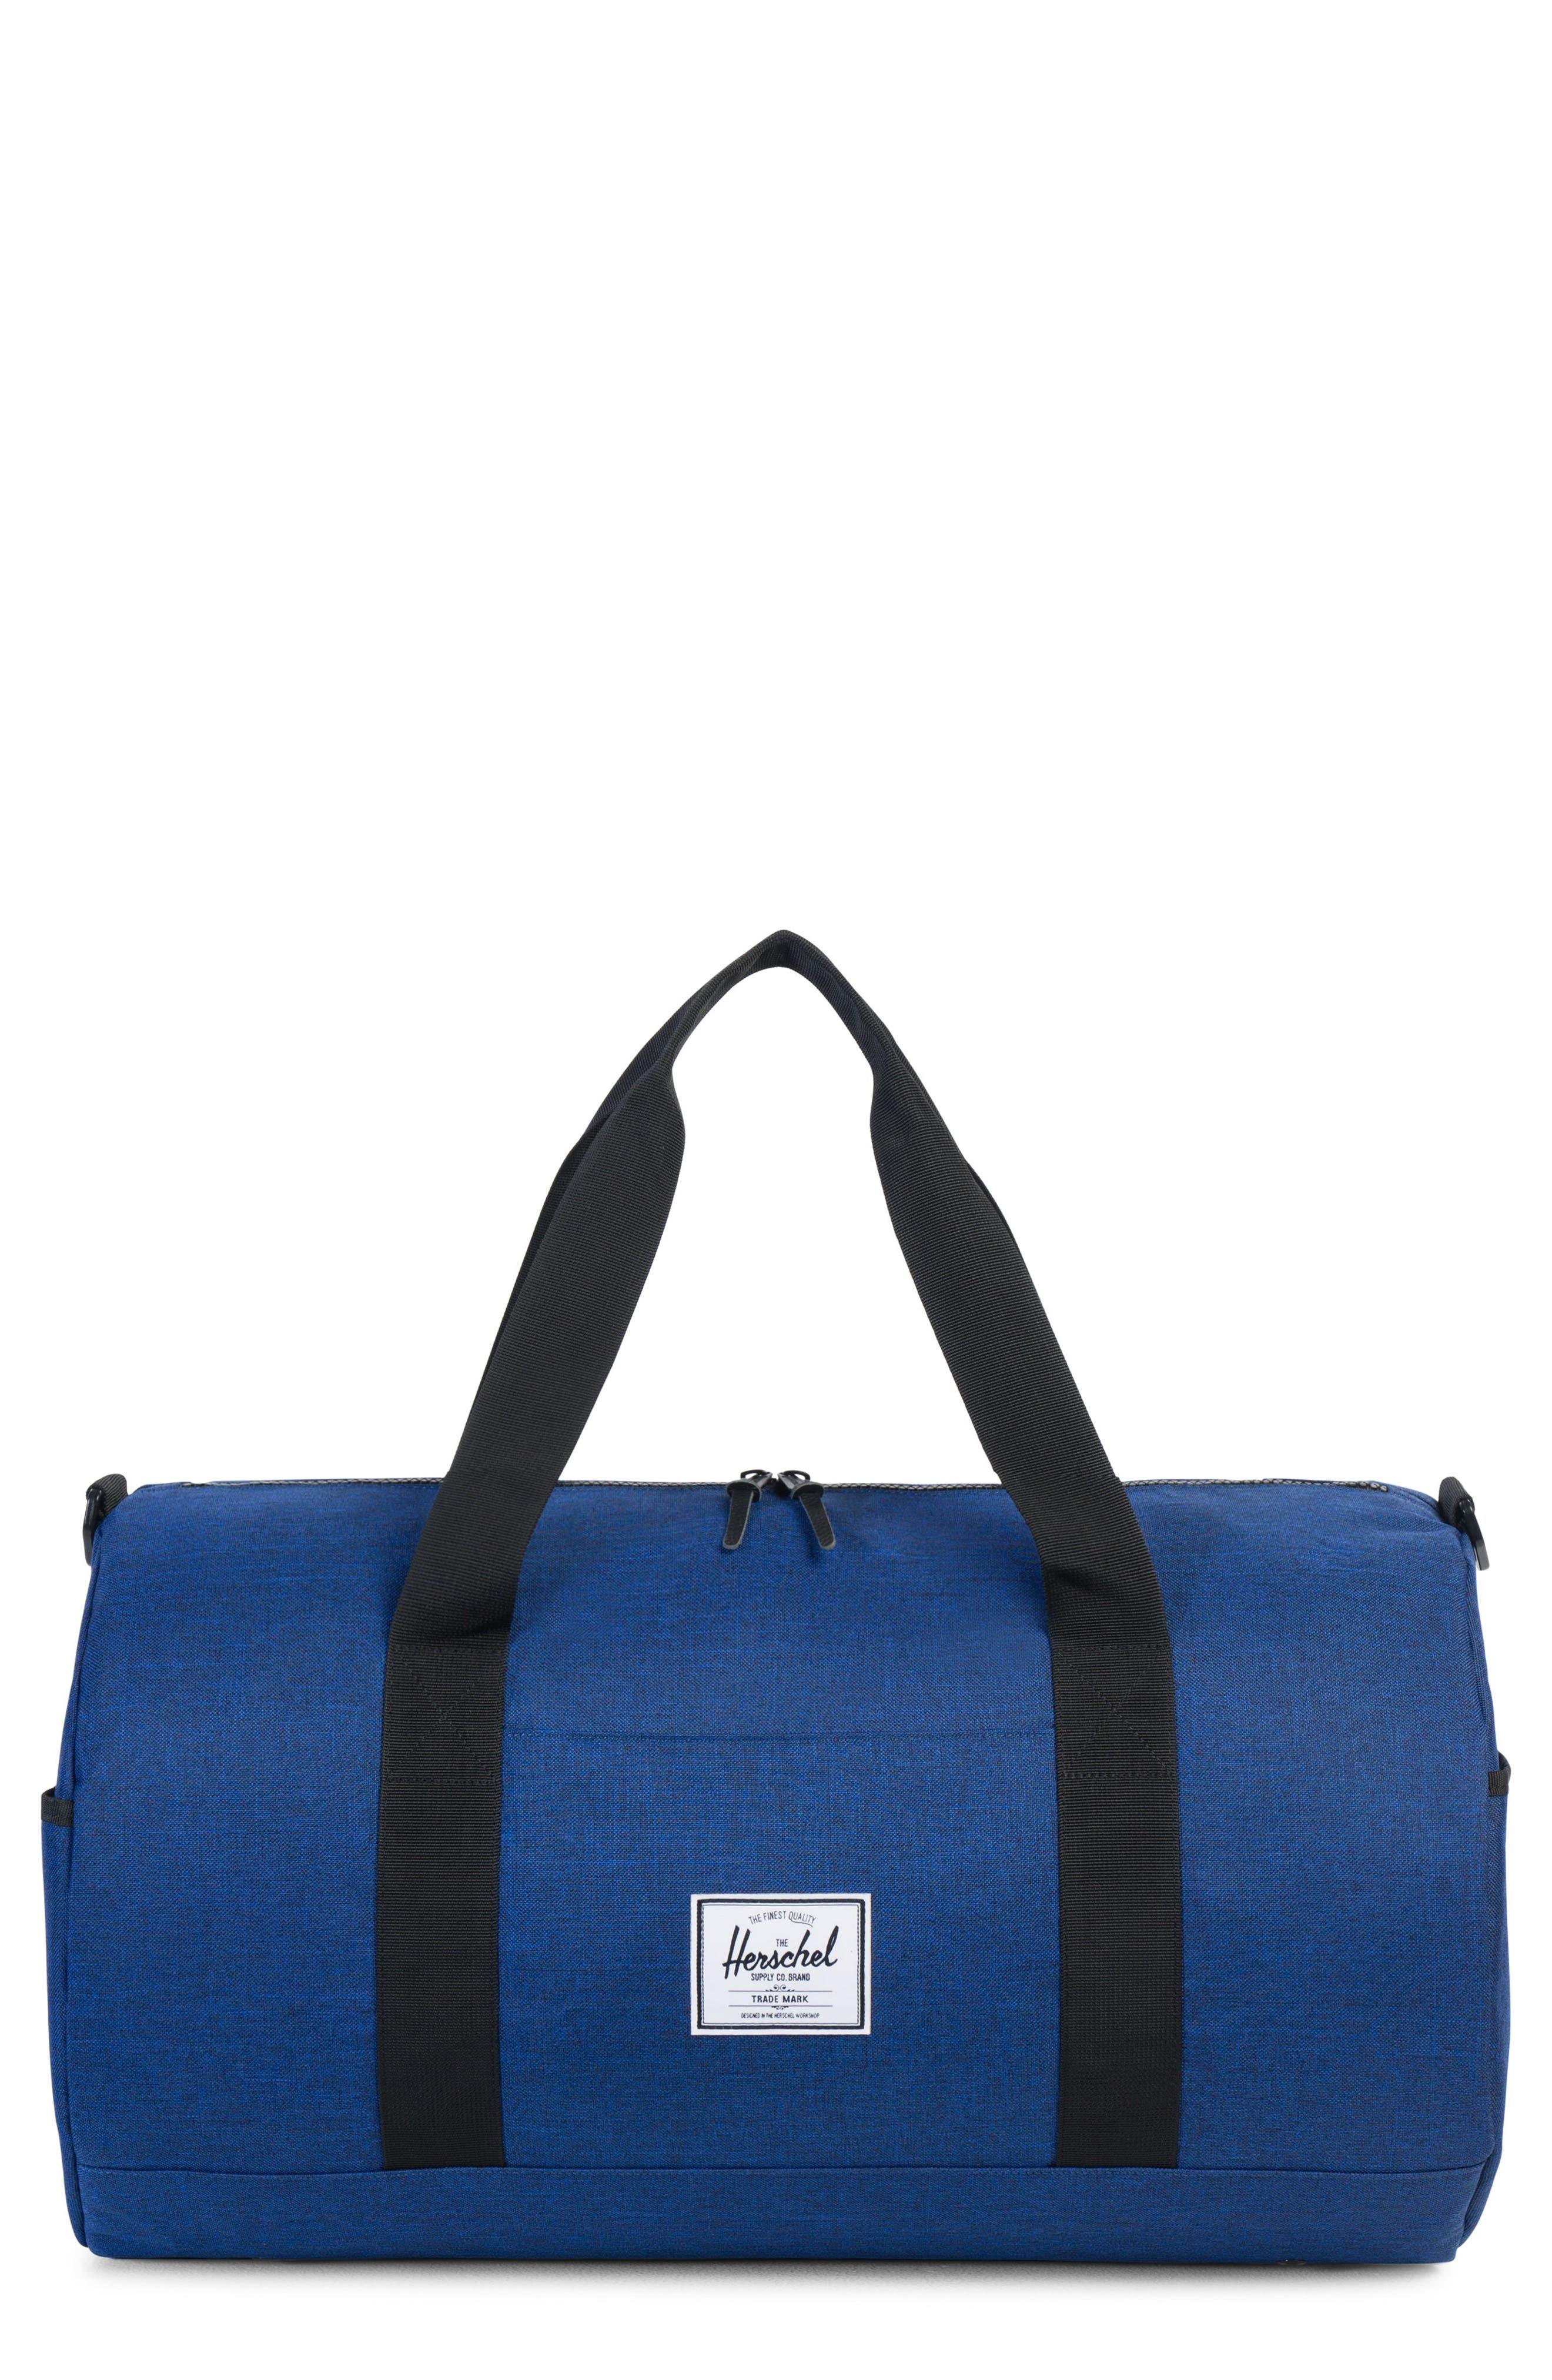 Sutton Duffel Bag,                         Main,                         color, 415